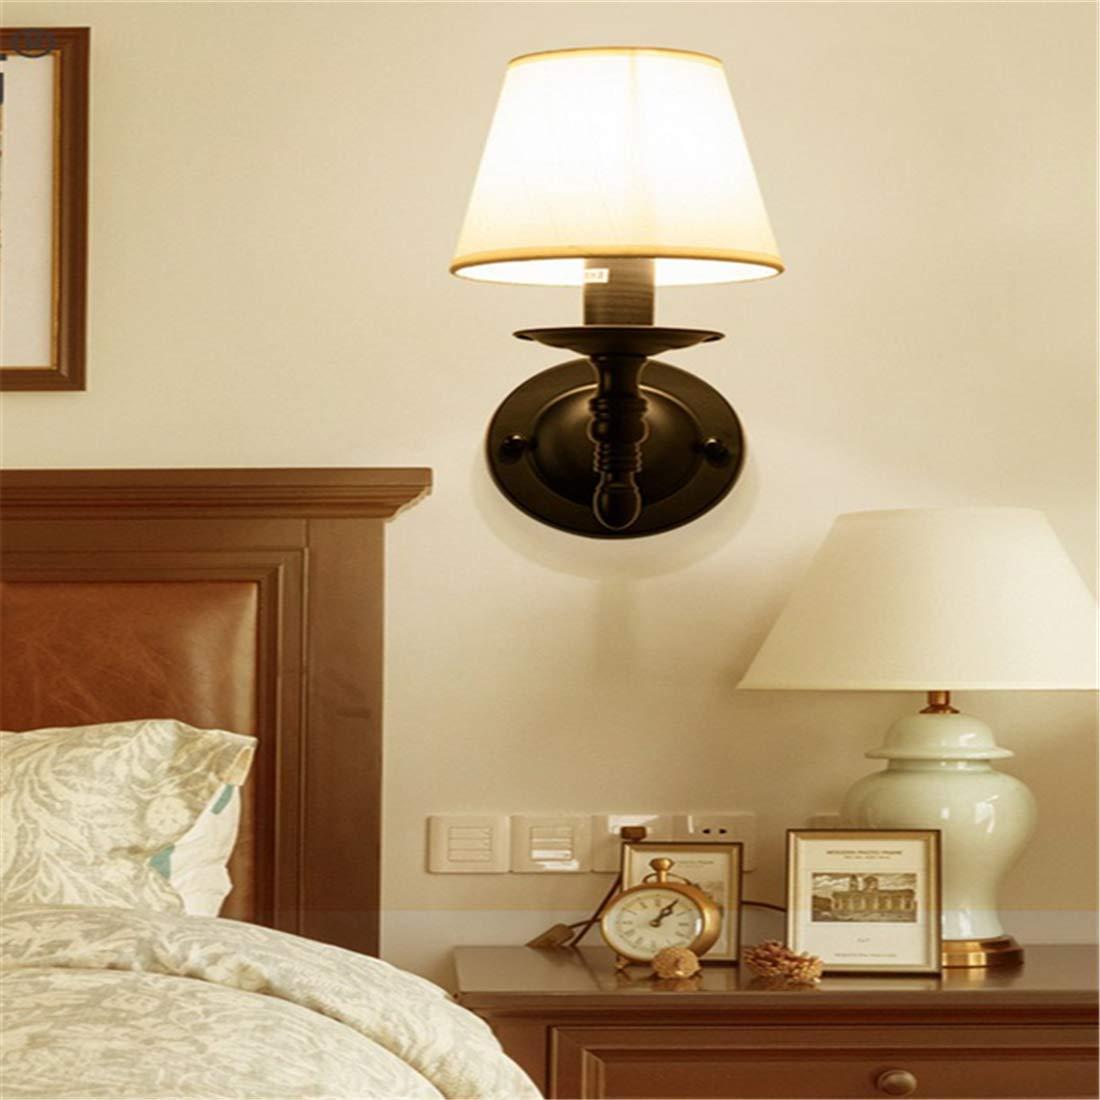 Wandleuchte Wandleuchten Amerikanische Wandlampe Schlafzimmer Schlafzimmer Nachttischlampe Einfache Moderne Wohnzimmer Europäischen Hintergrund Wand Balkon Kreative Wandleuchten [Energieklasse A ++]